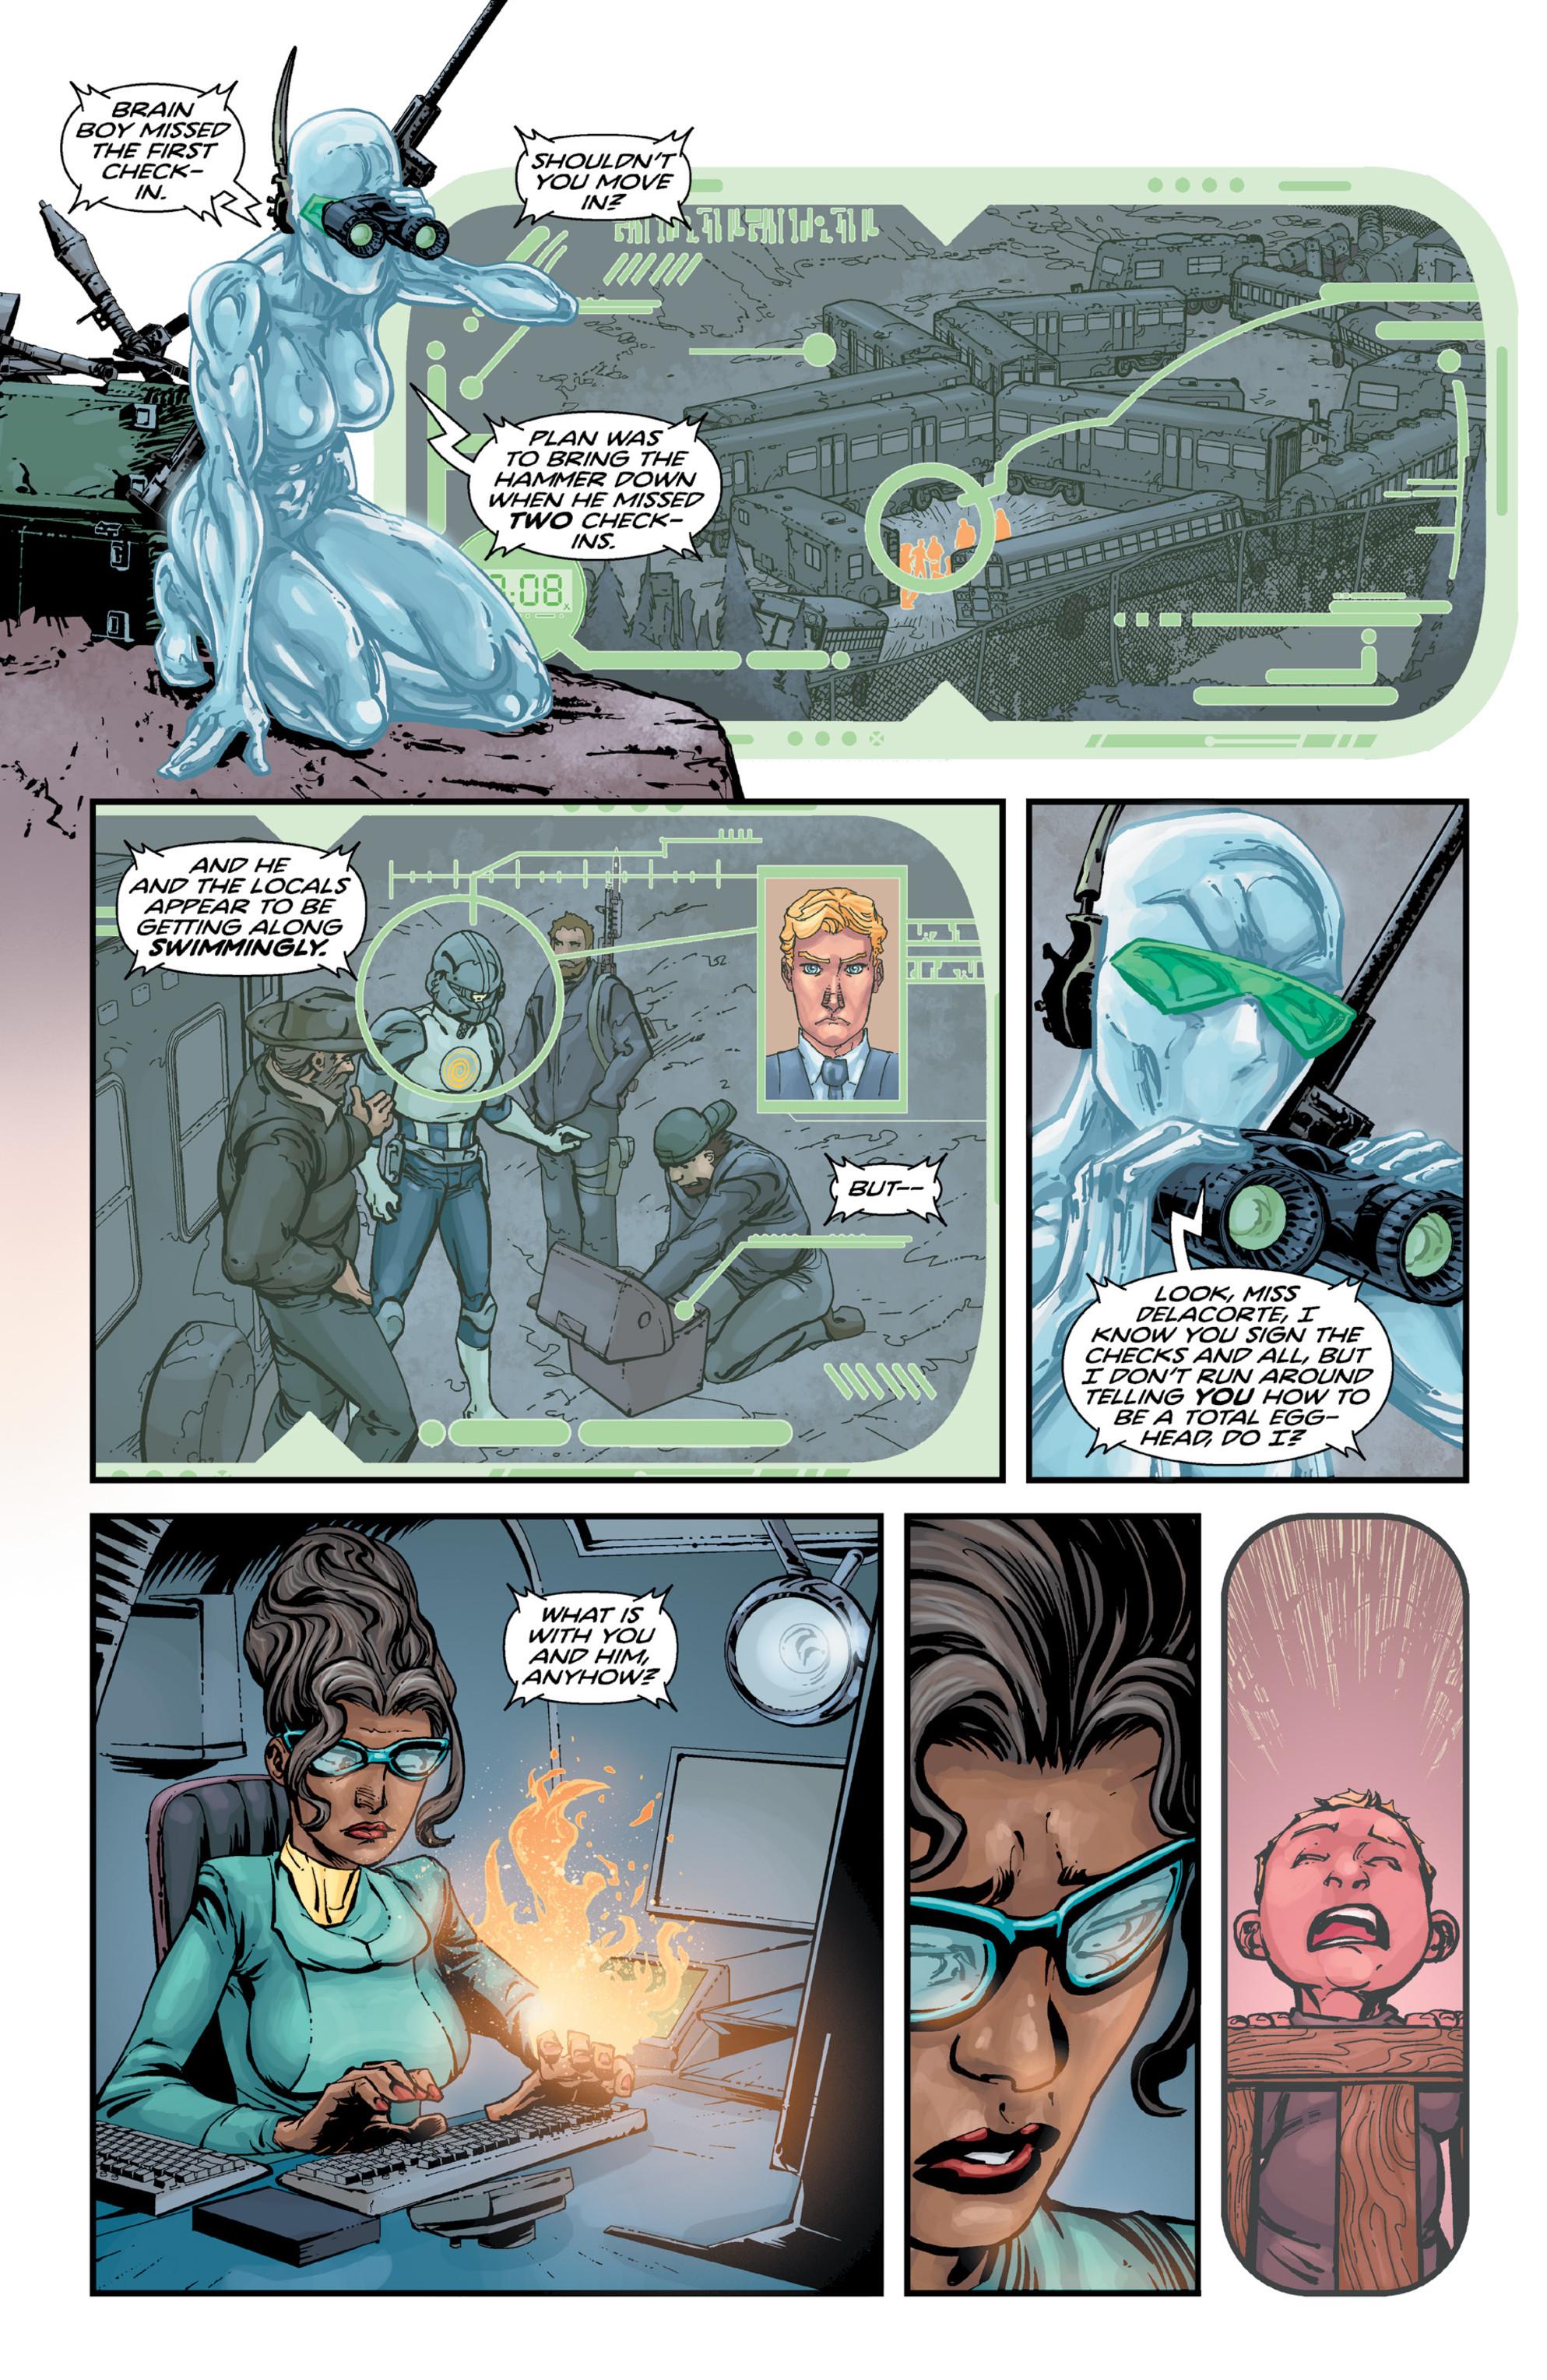 Read online Brain Boy:  The Men from G.E.S.T.A.L.T. comic -  Issue # TPB - 64